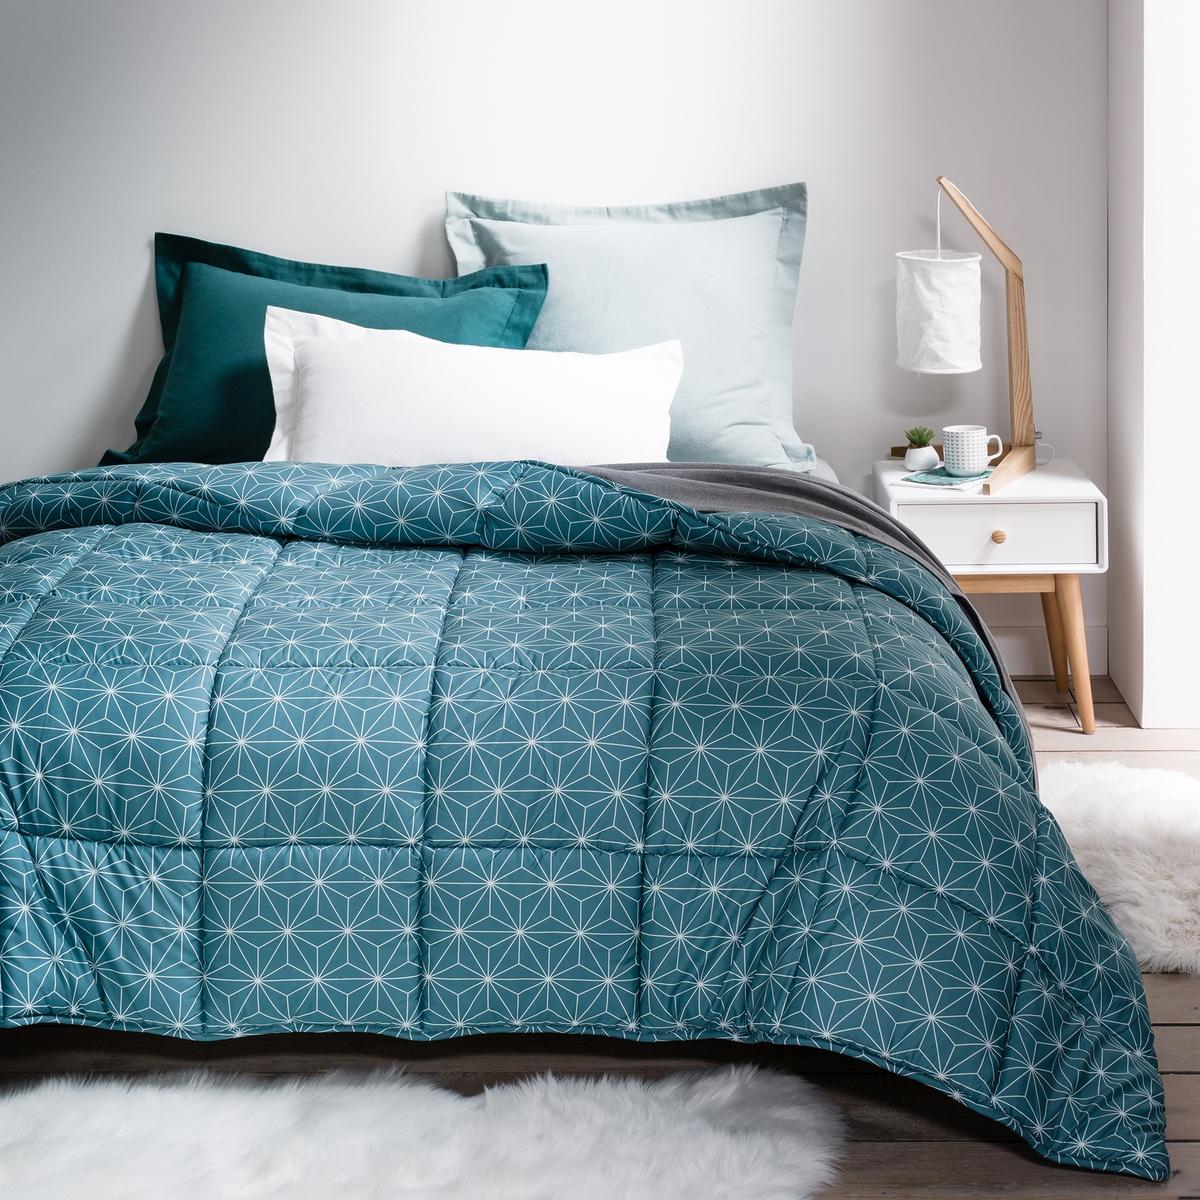 Одеяло с рисунком PeachС одеялом Peach с модным рисунком не нужен пододеяльник! Описание одеяла с рисунком Peach :Геометрические мотивы с двух сторон, микрофибра, 100% полиэстер Отделка бейкой.Характеристики синтетического одеяла с рисунком Peach  :Наполнитель, 100% полиэстер (400 г/м?)Машинная стирка при 60 °СРазмеры синтетического одеяла с рисунком Peach  :140 x 200 см : 1-сп.220 x 240 см : 2-сп.<br><br>Цвет: сине-зеленый